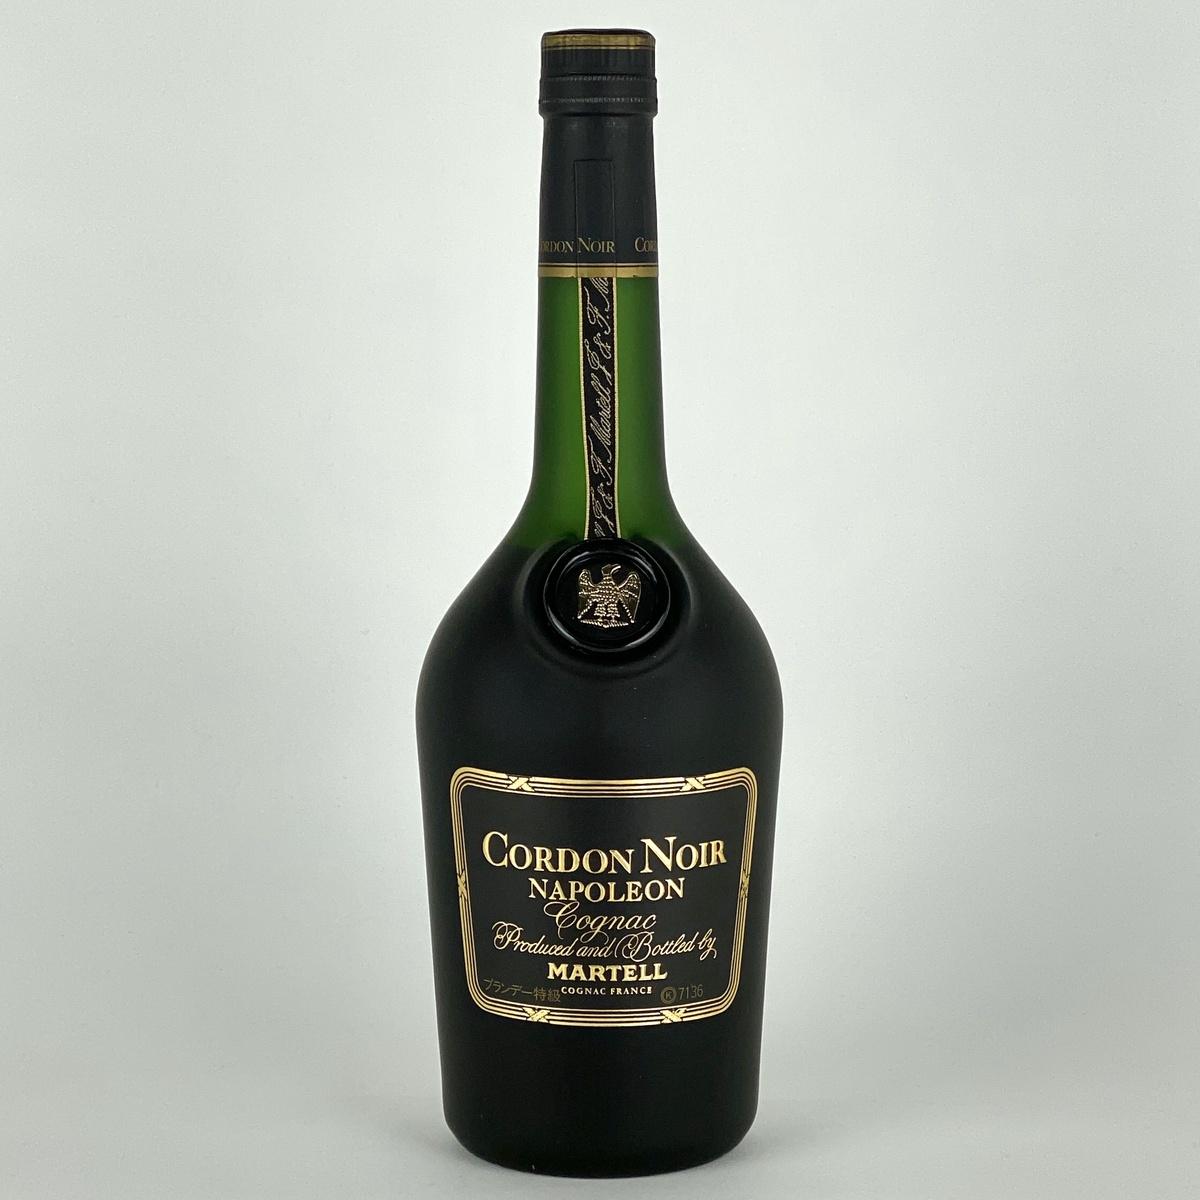 マーテル MARTELL ナポレオン コルドンノアール フロスティボトル 700ml 【古酒】